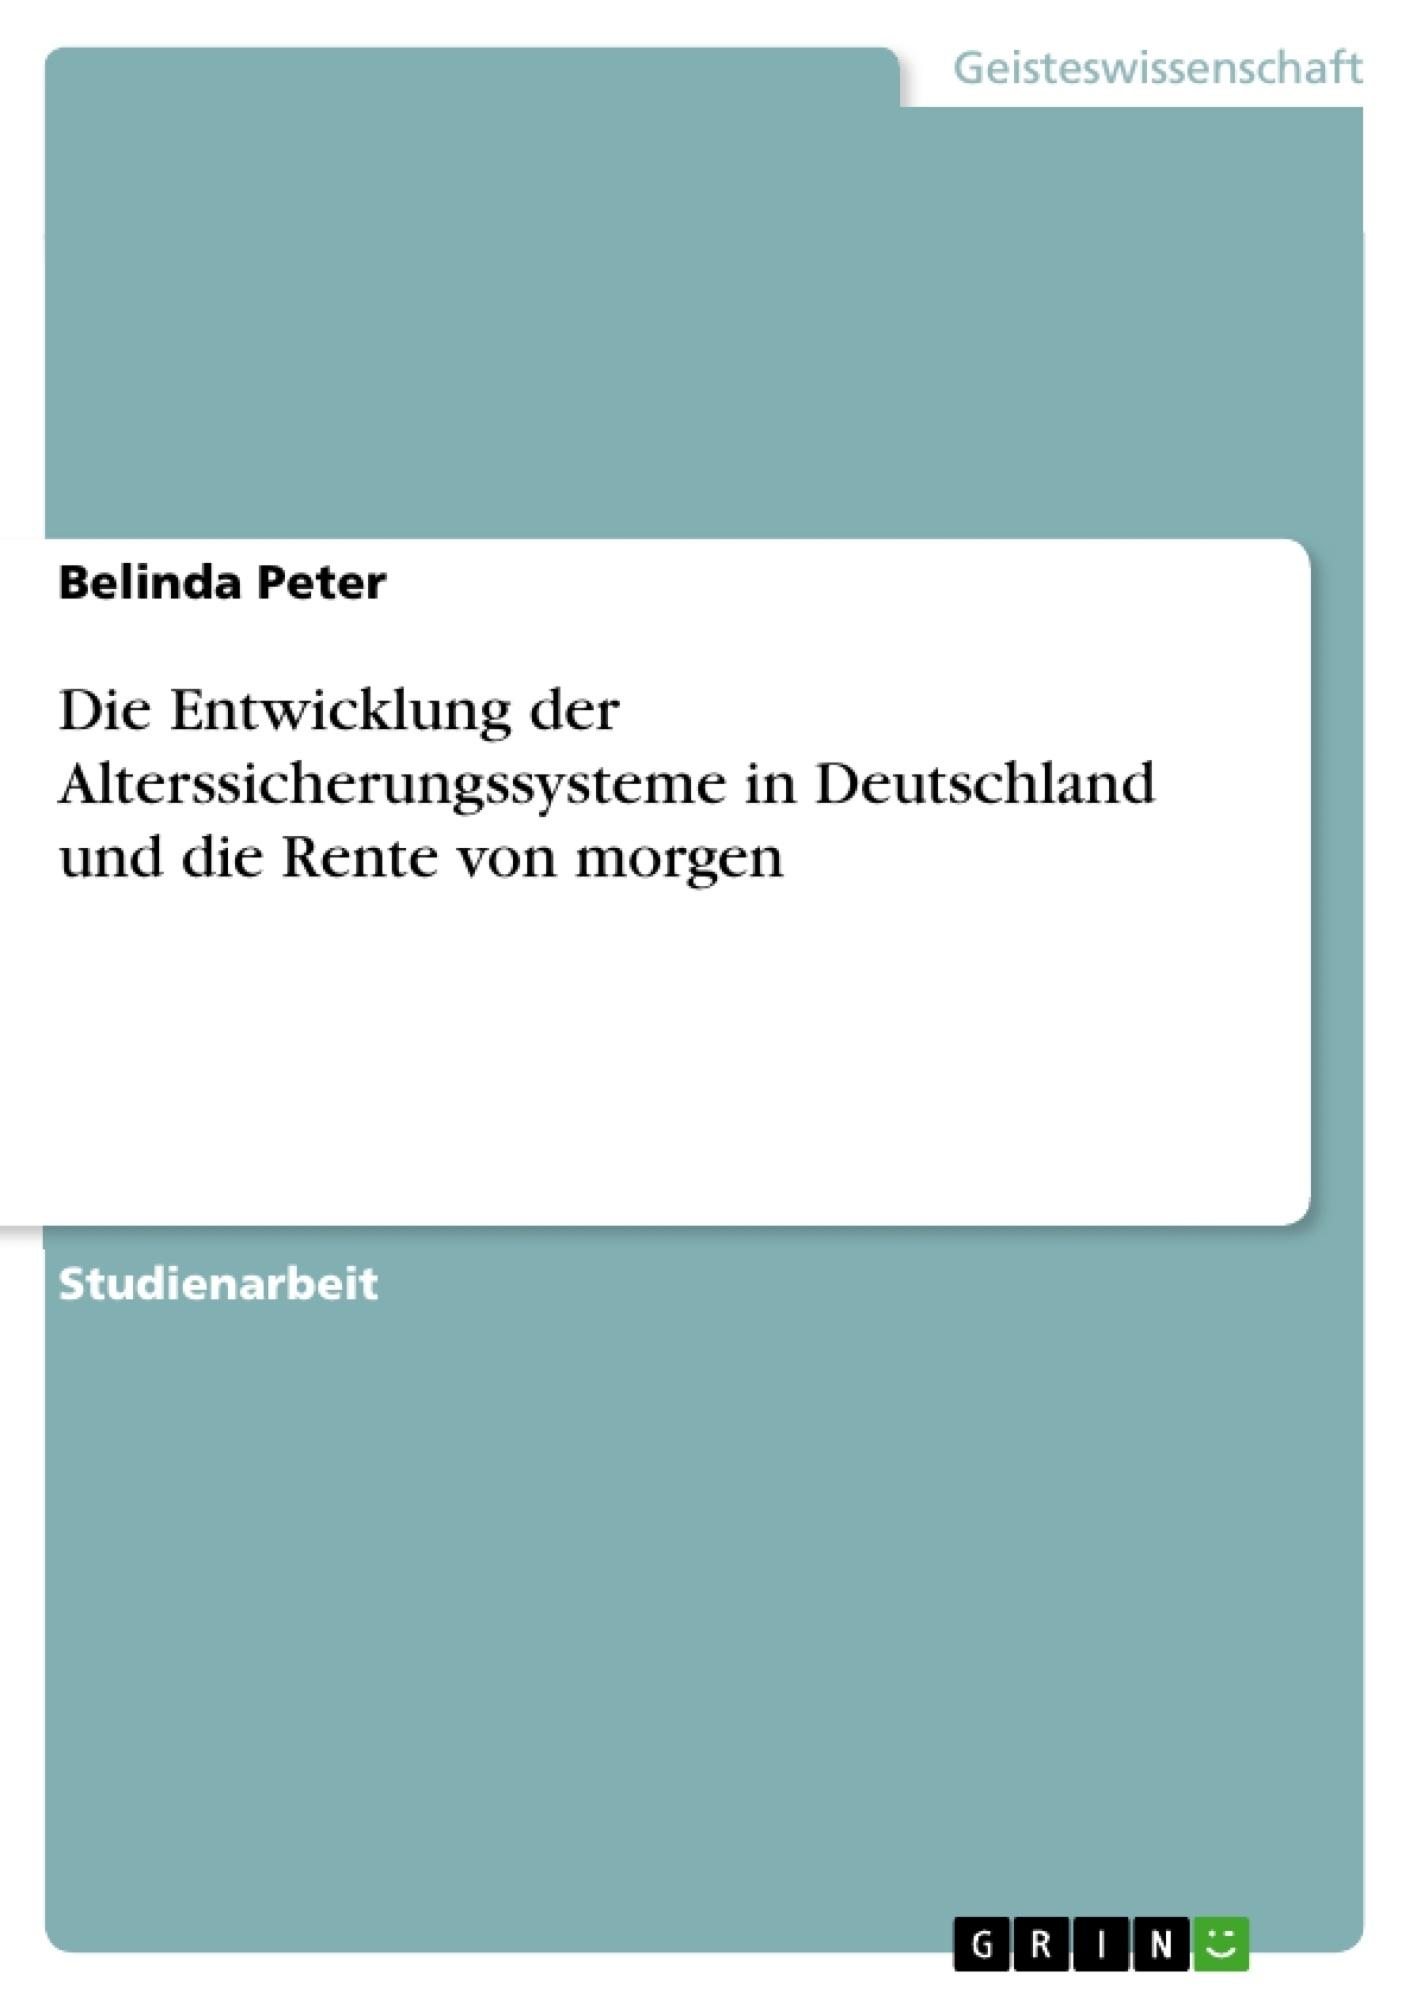 Titel: Die Entwicklung der Alterssicherungssysteme in Deutschland und die Rente von morgen